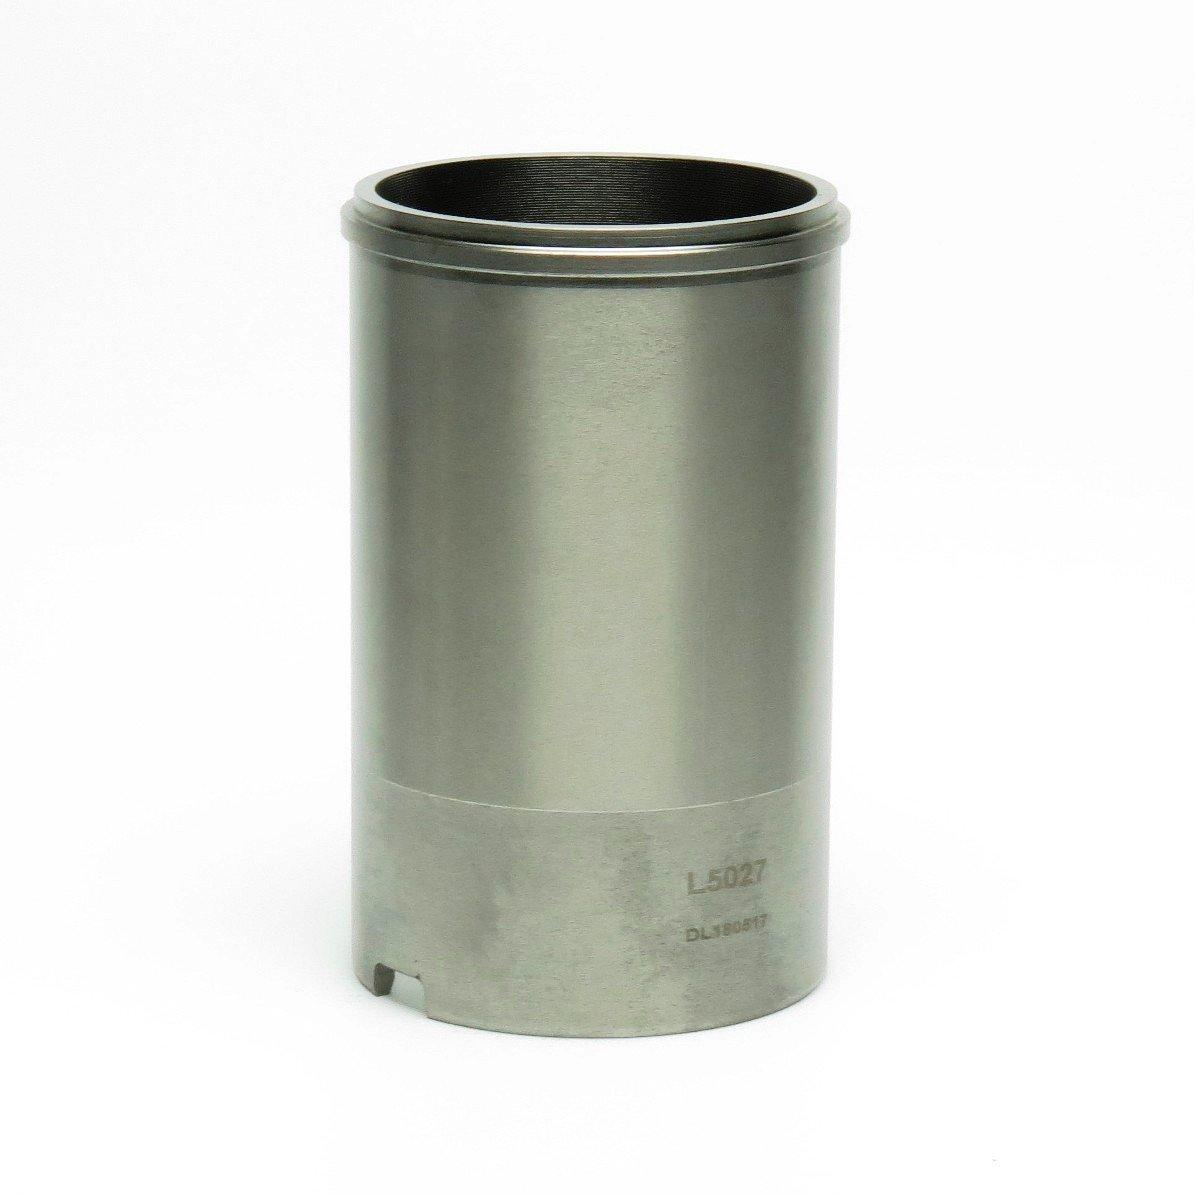 L 5027 - Cylinder Repair Liner